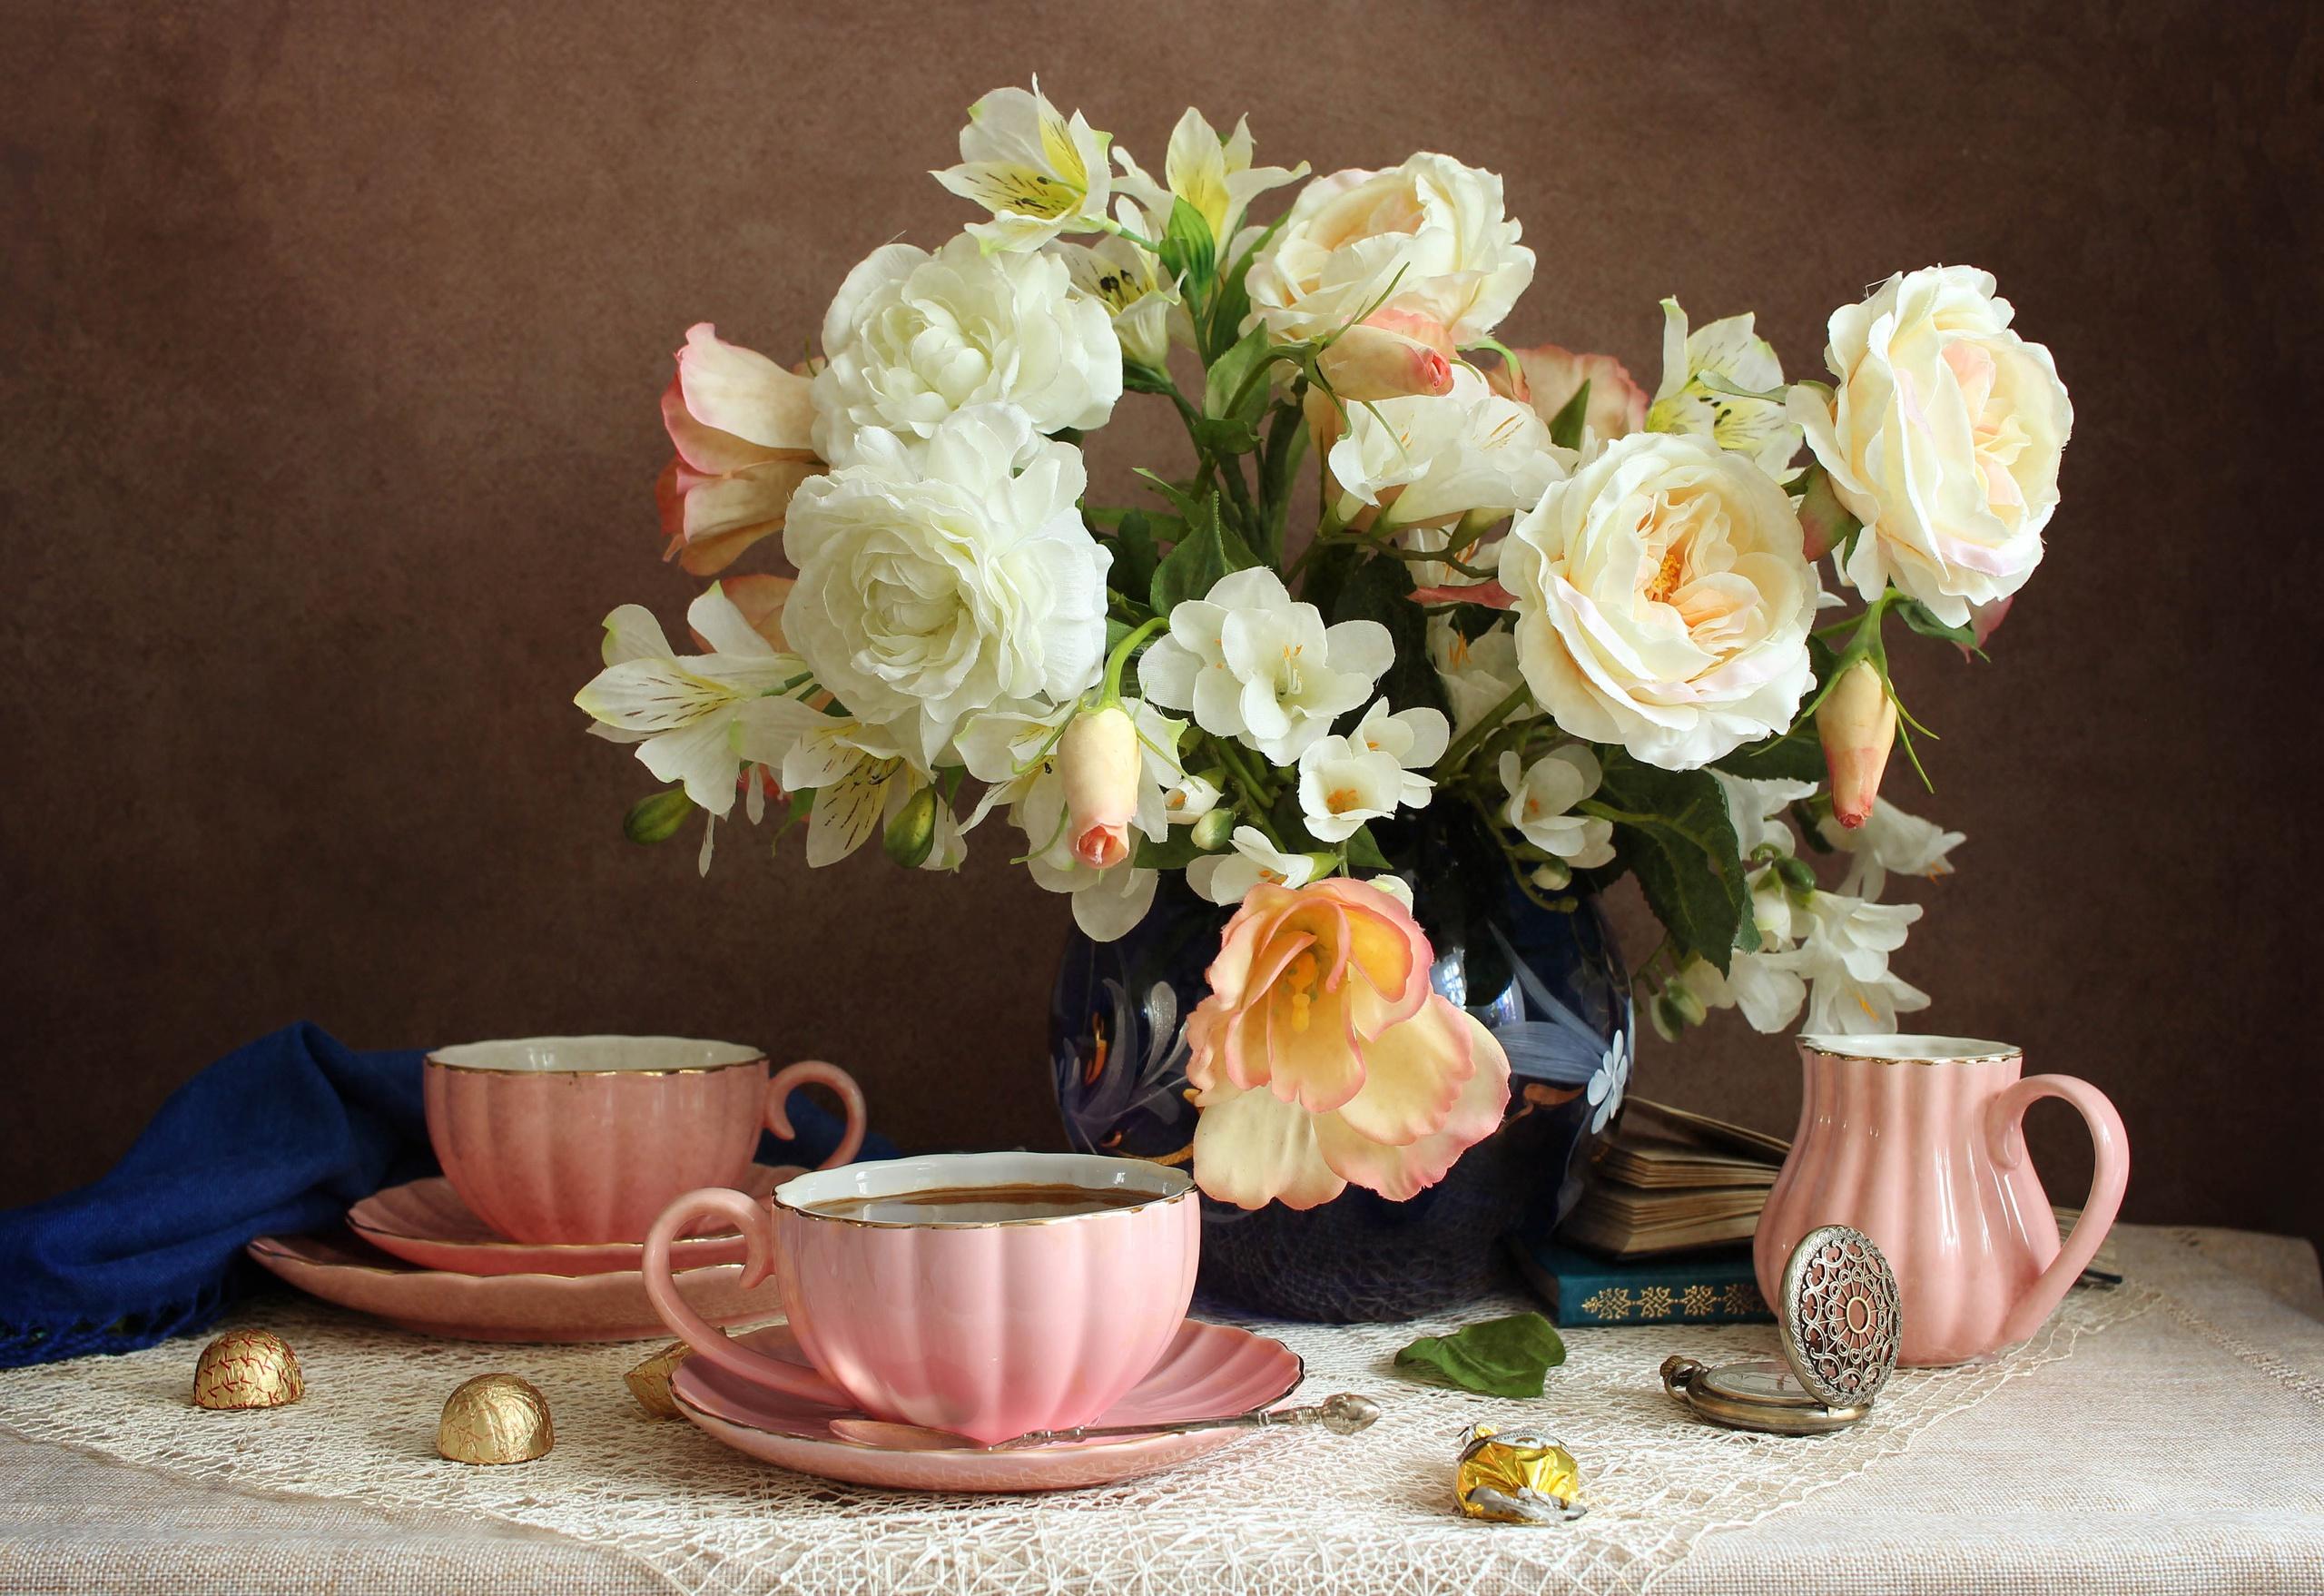 vaza-tsvety-rozy-alstriomeriia-chashki-m